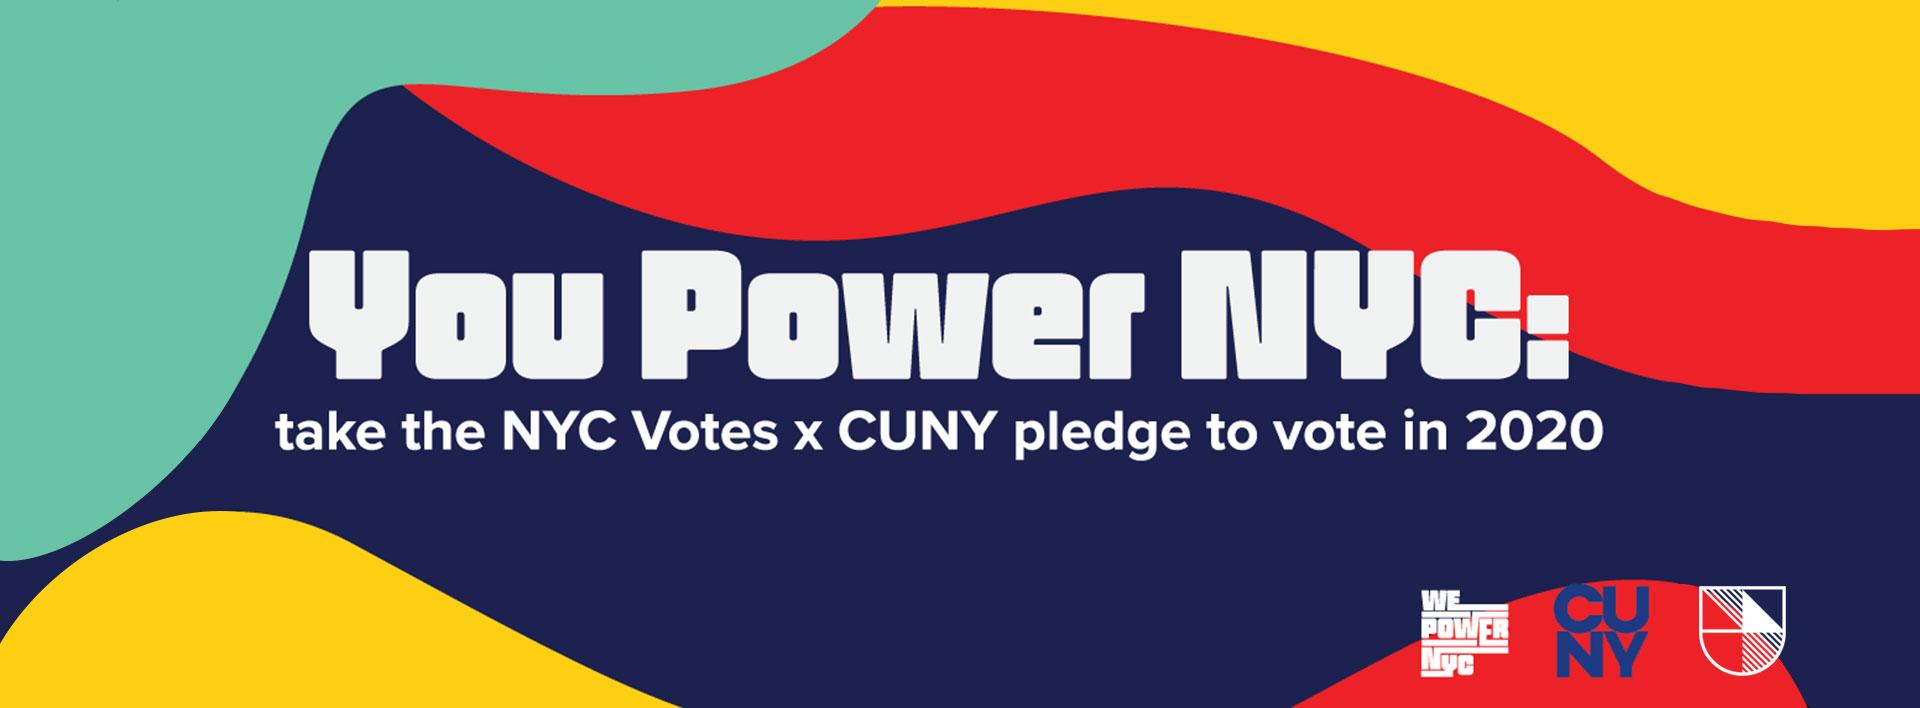 We Power NYC: Pledge to Vote